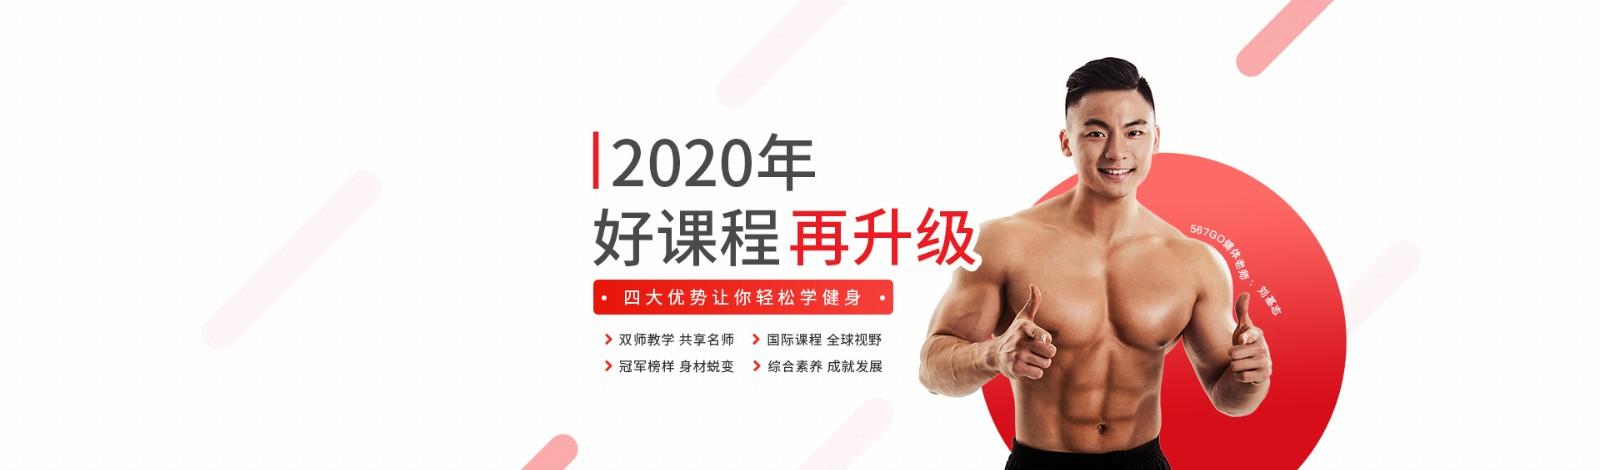 重庆567GO健身学院 横幅广告